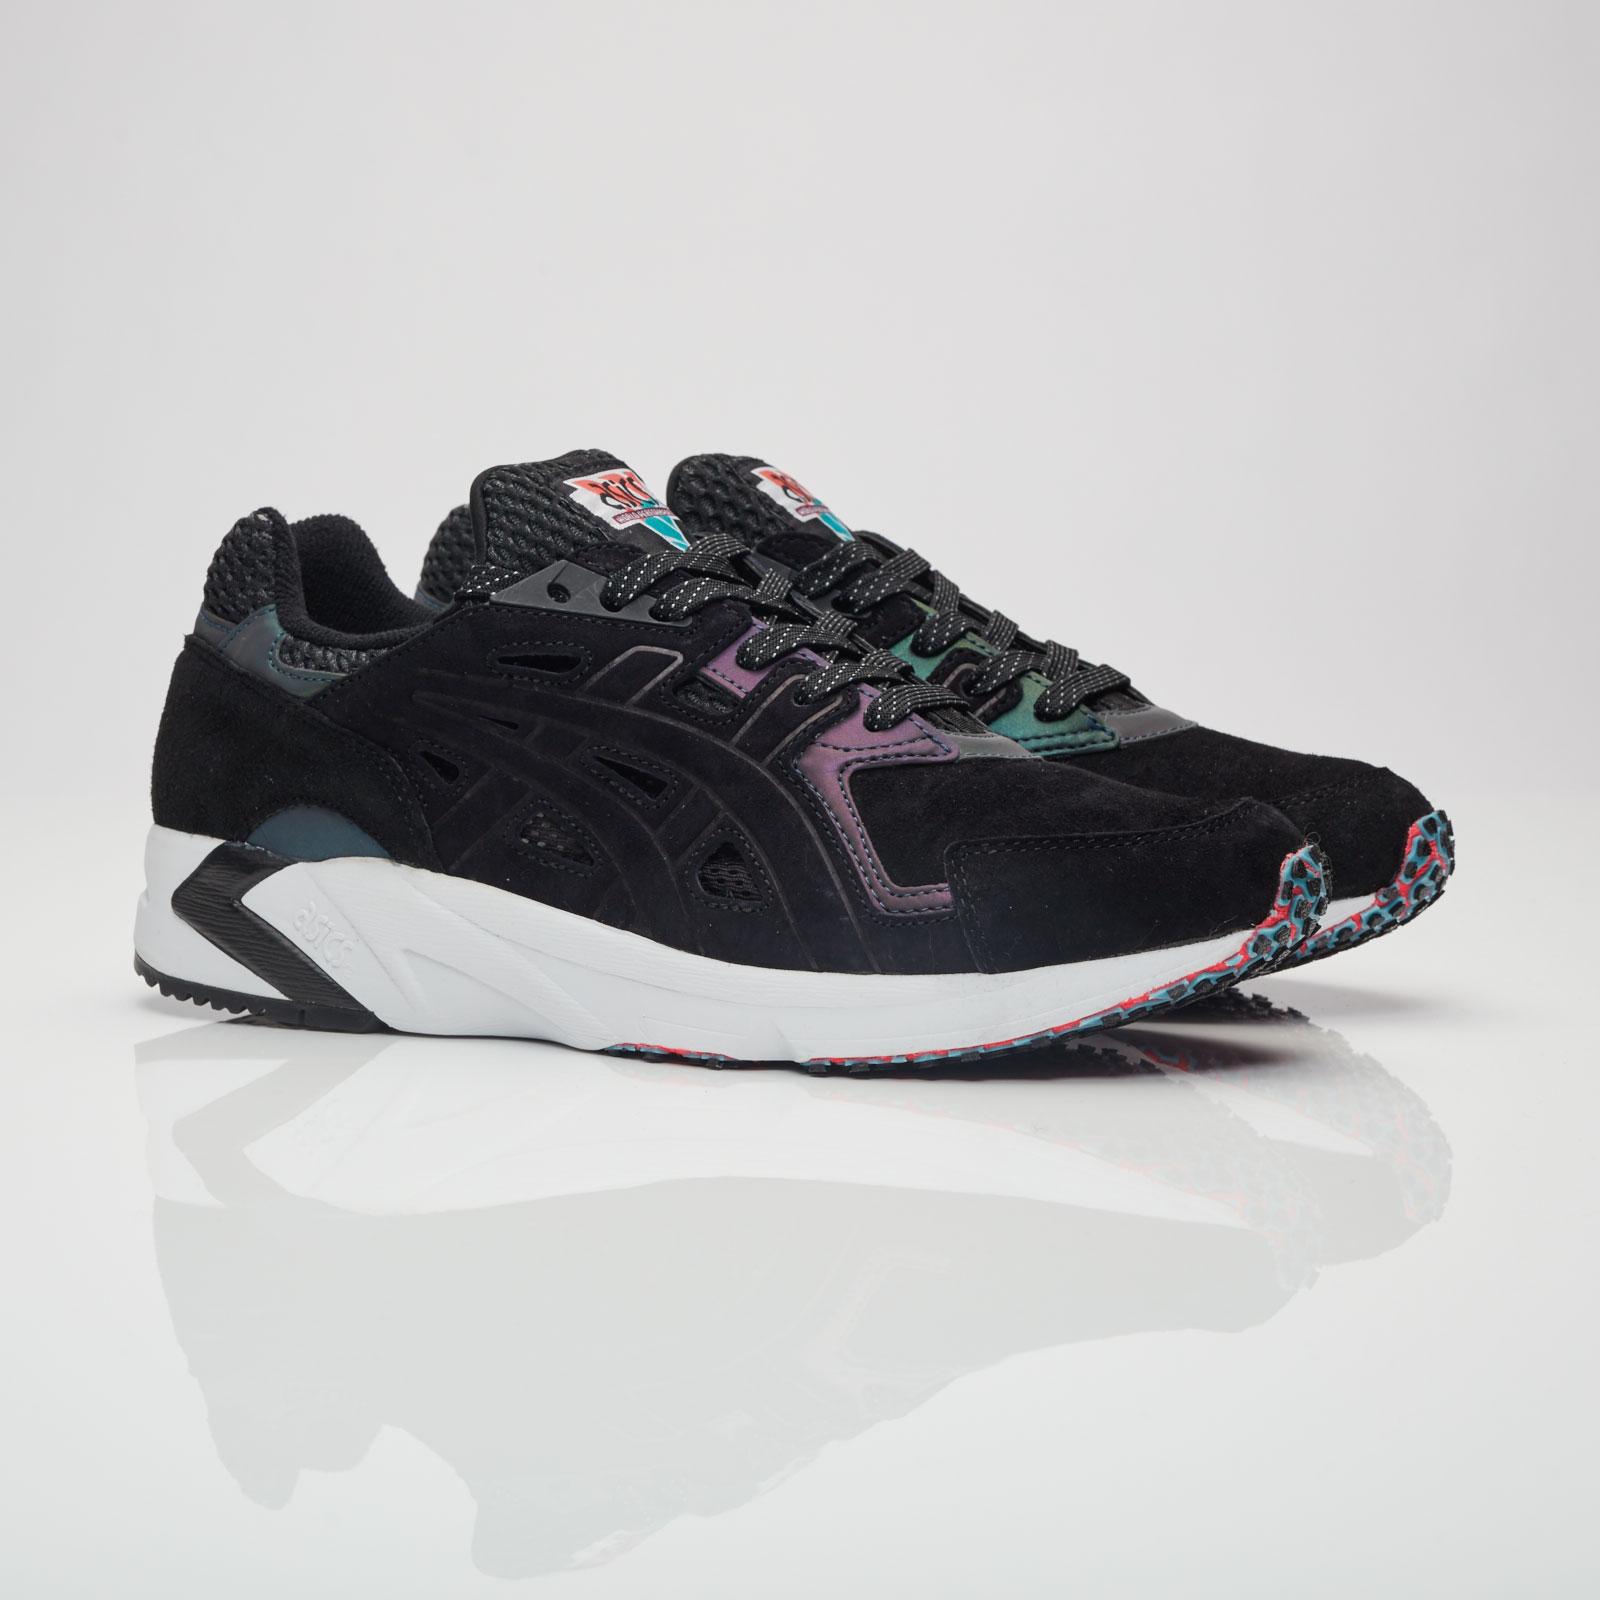 ASICS Tiger Gel-Ds Trainer Og - H7p1l-9090 - Sneakersnstuff ... 2a6232ff0e